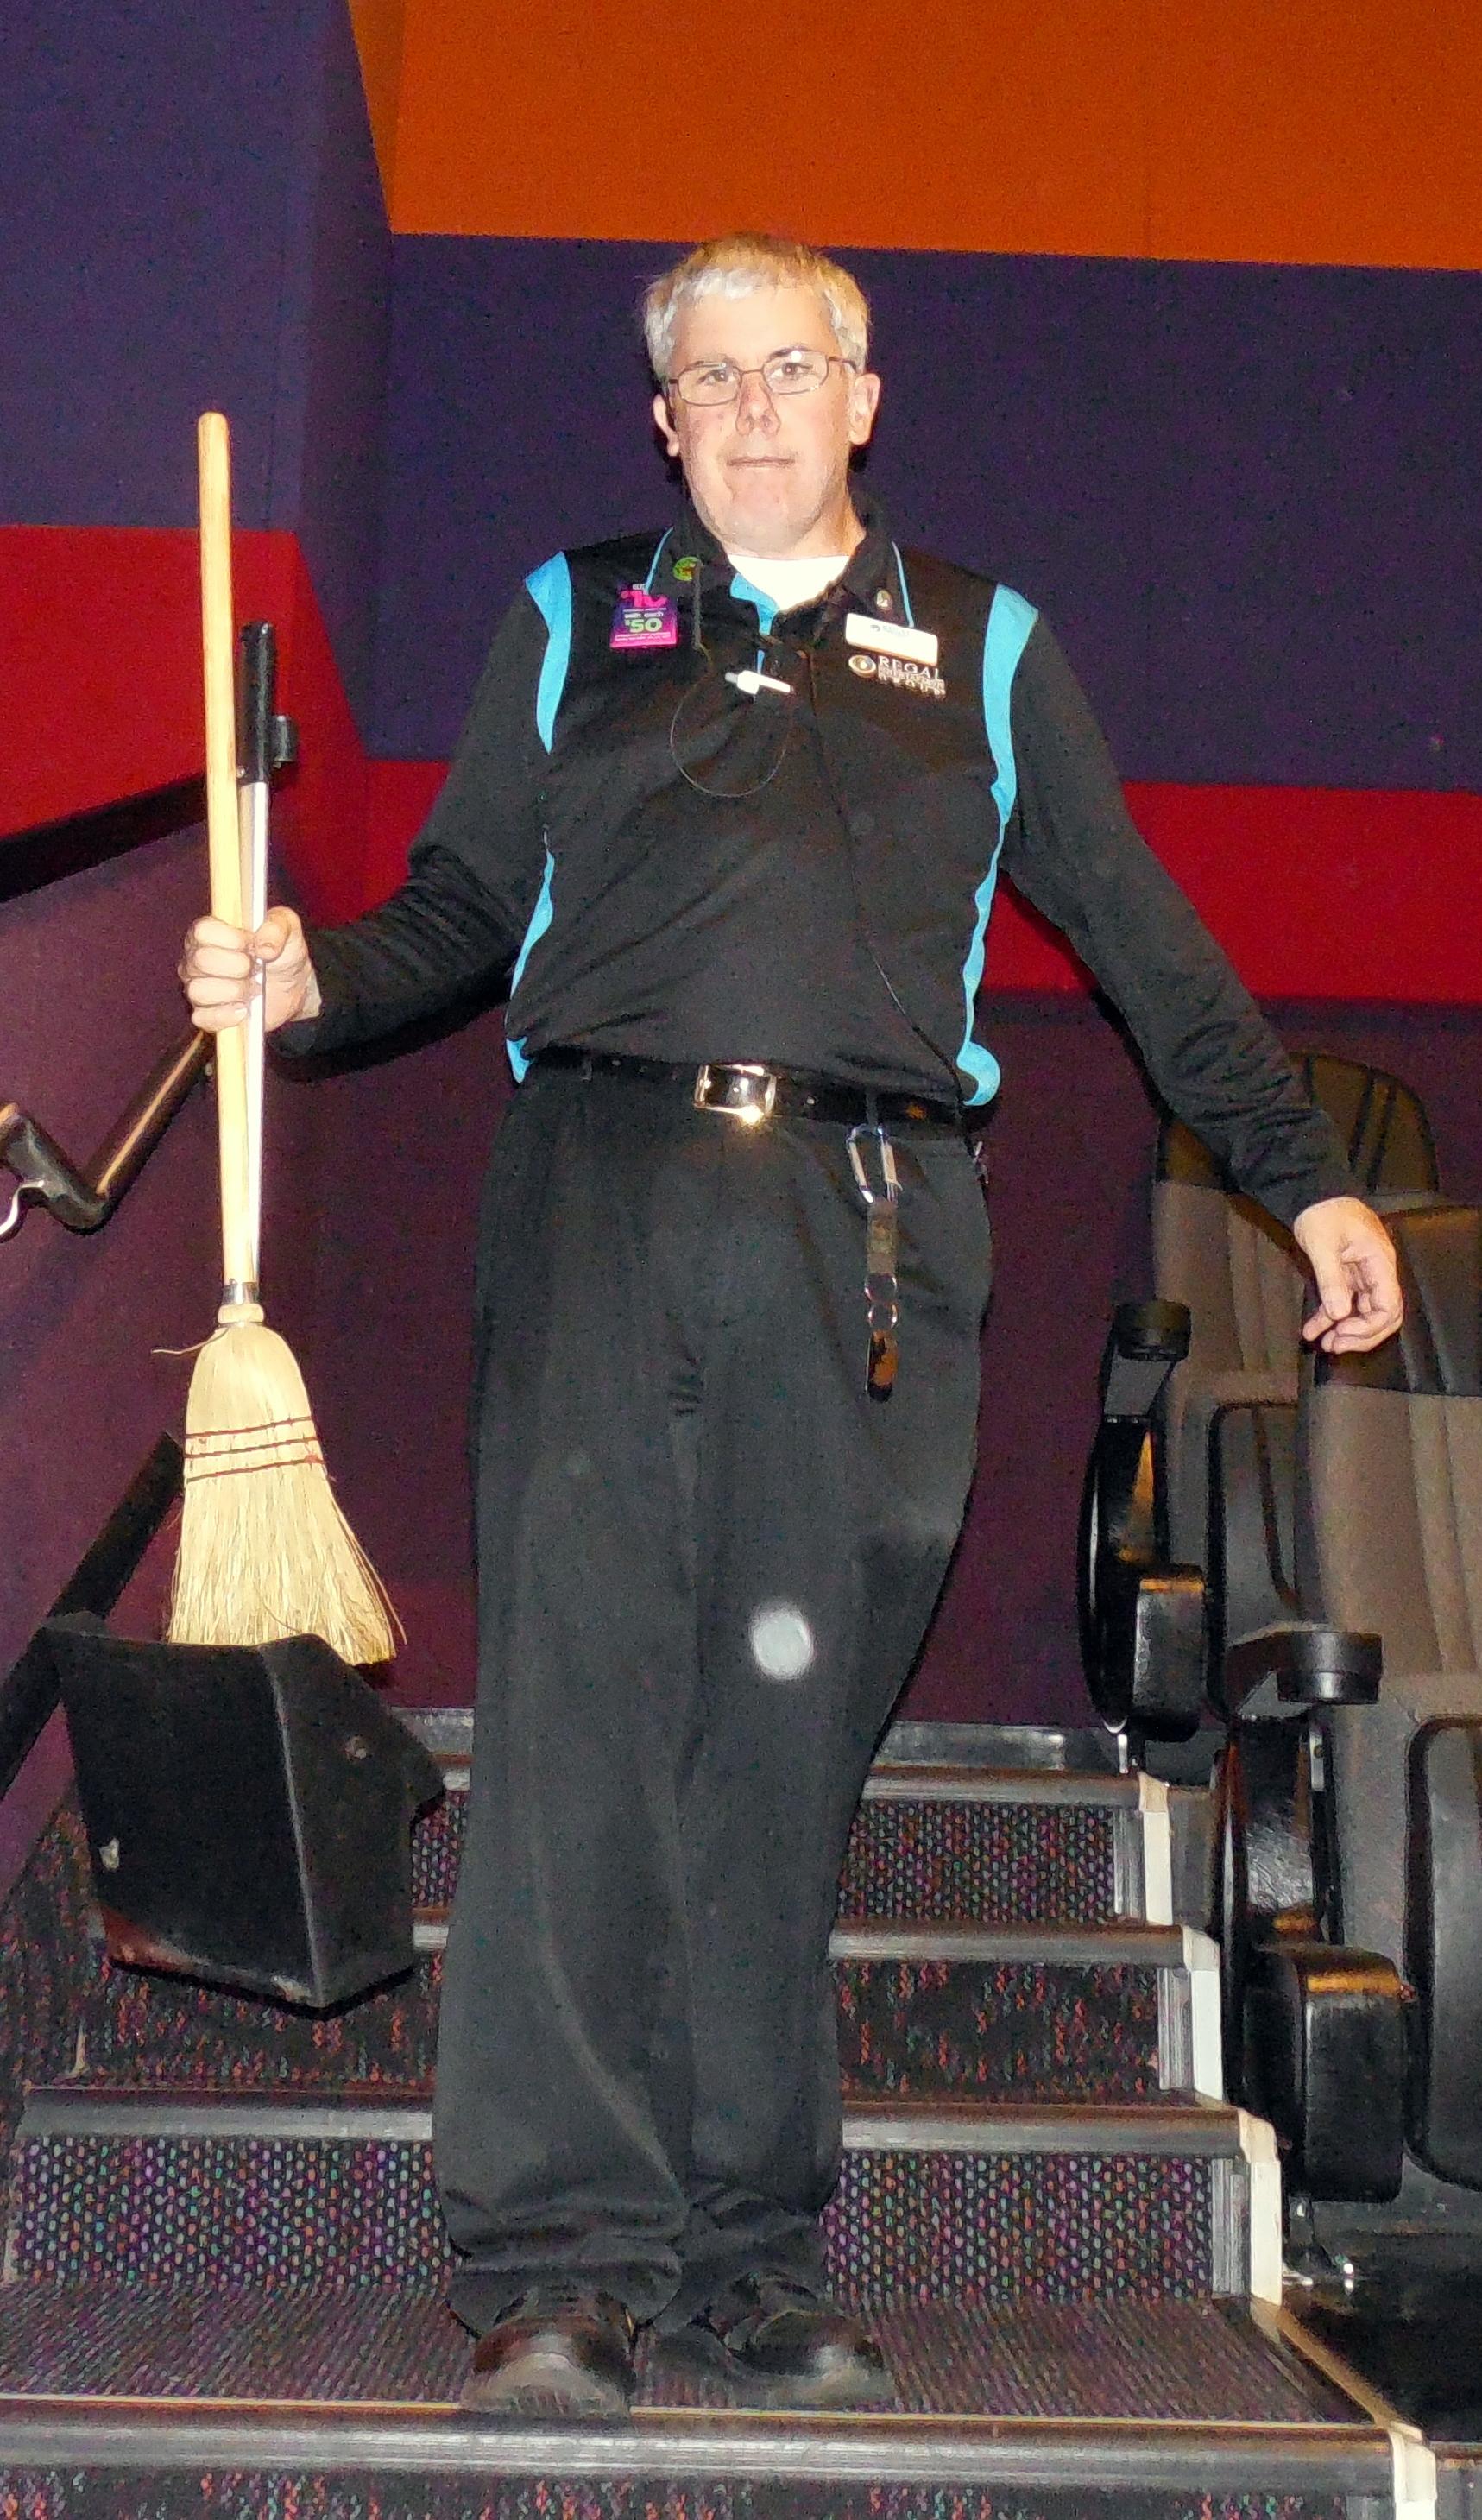 82 Regal-Linc sweeping.jpg